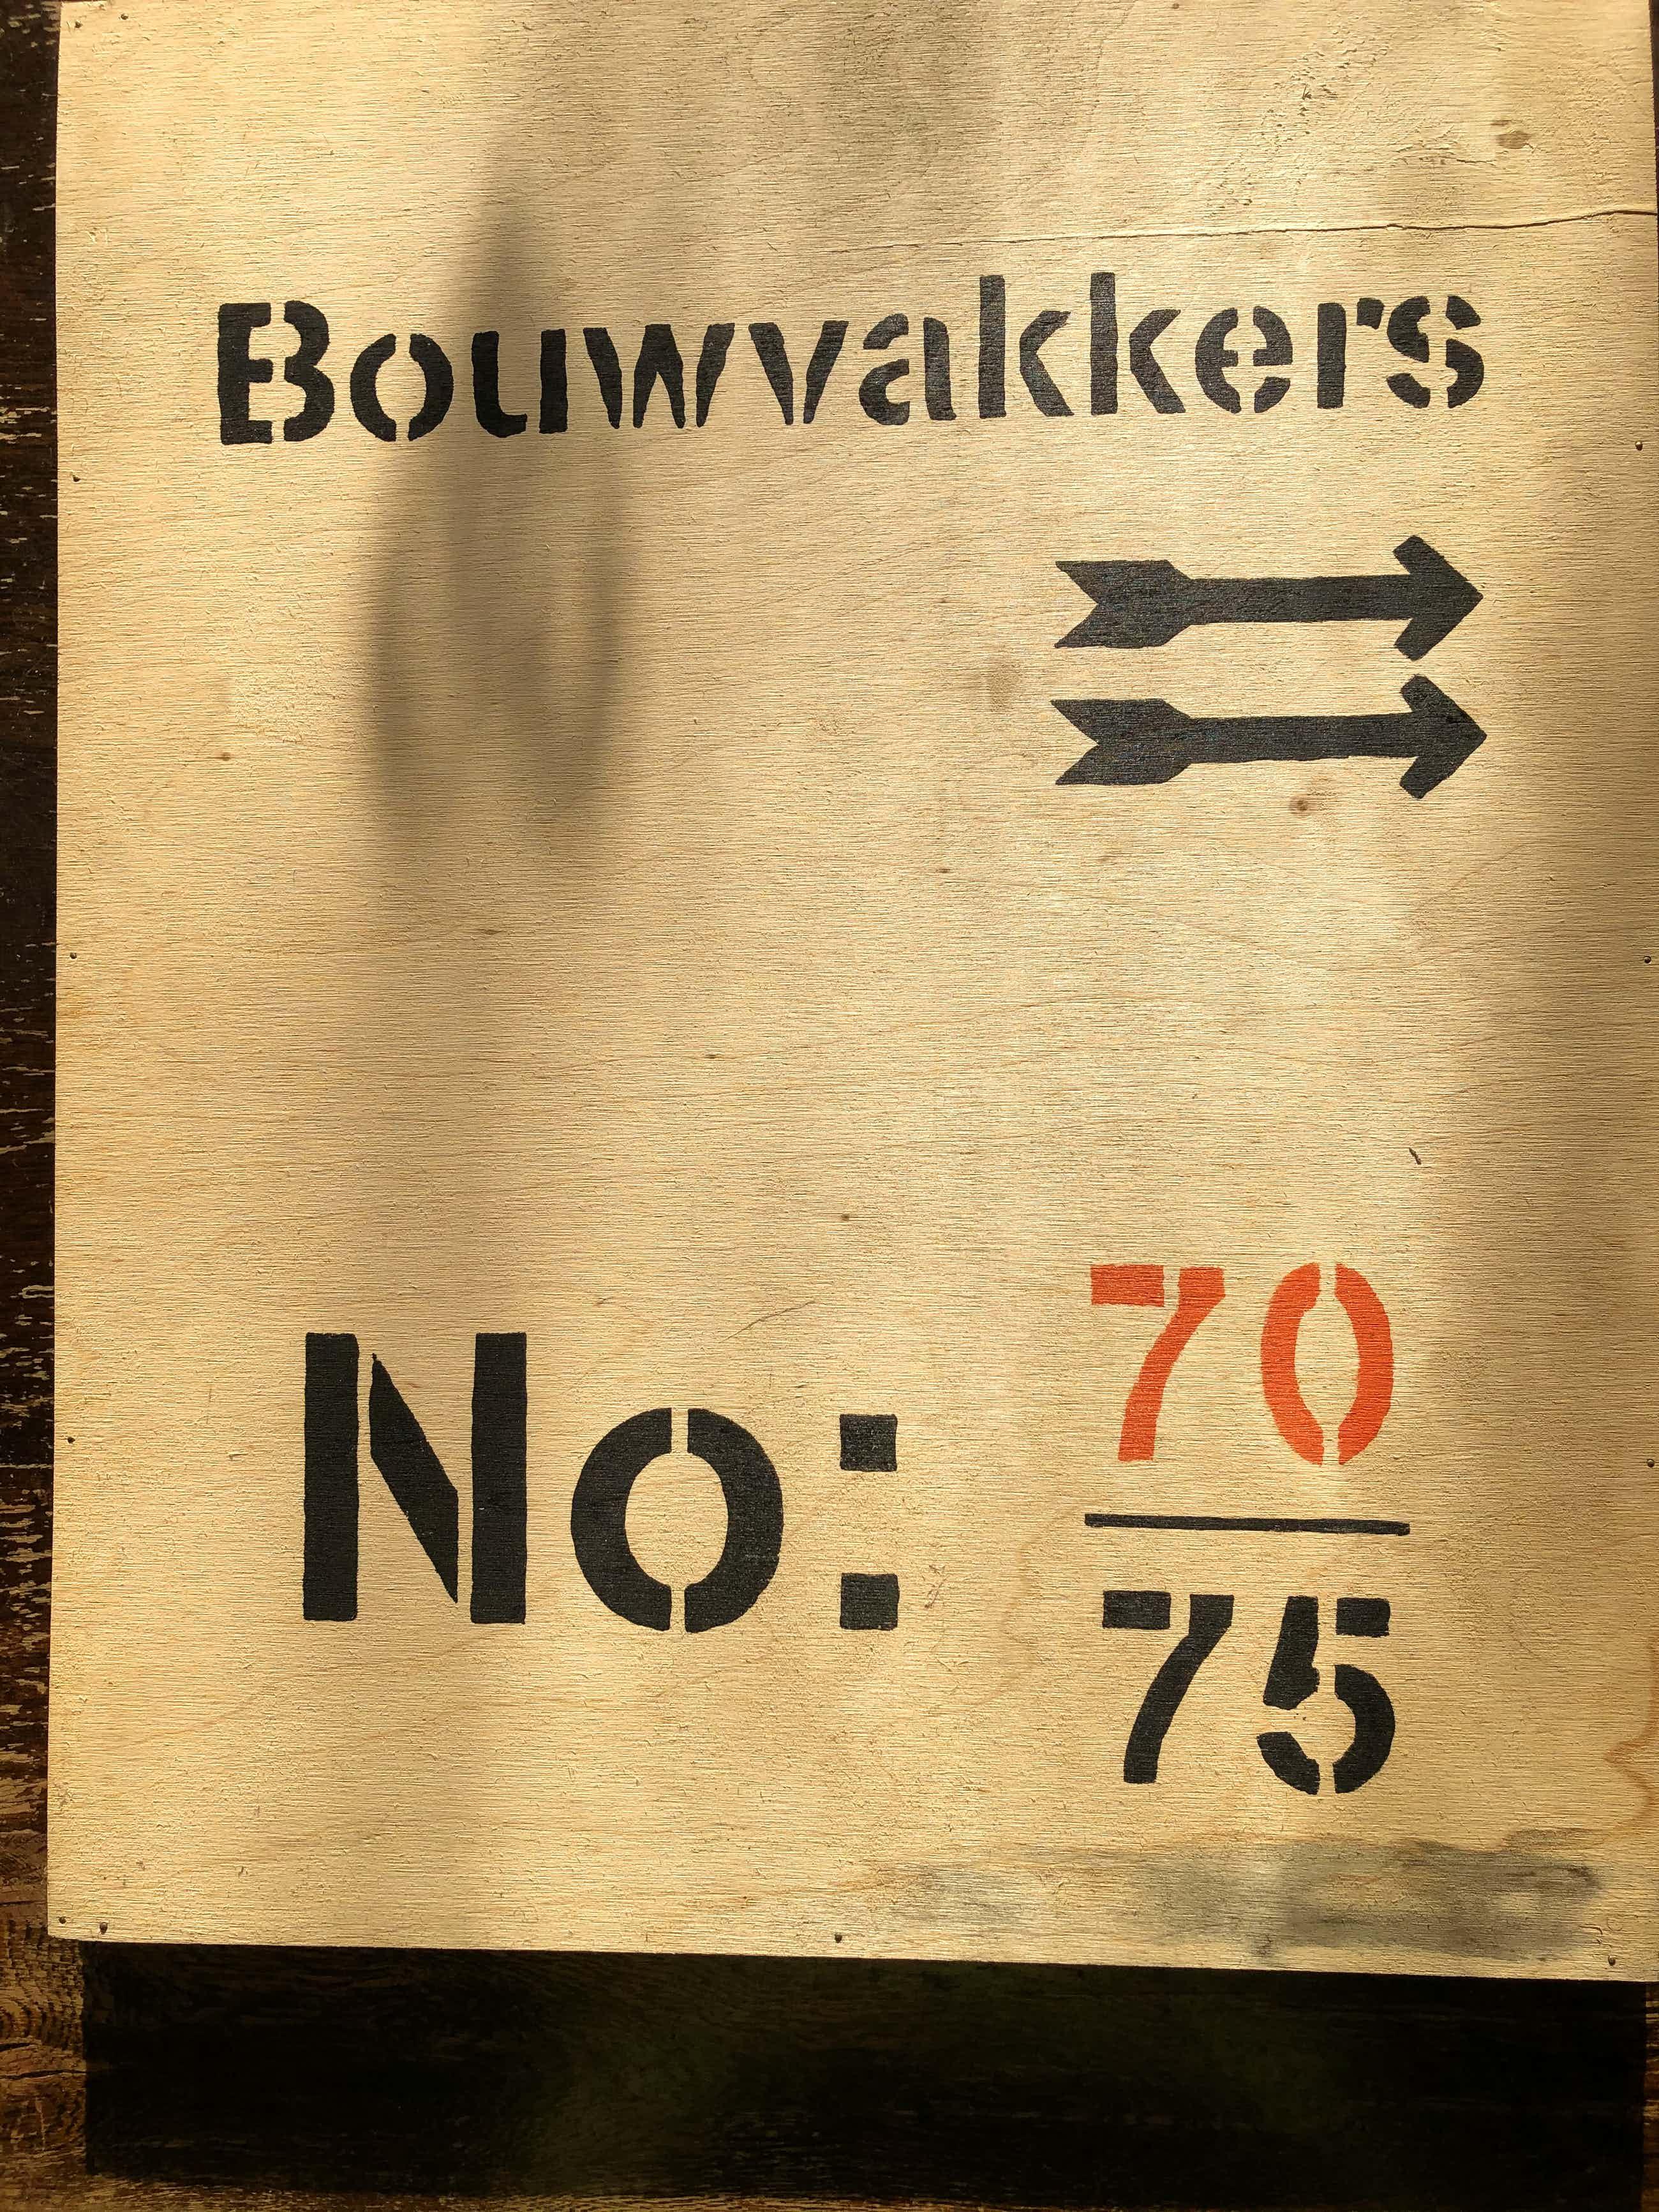 Ellen Meuwese - Bouwvakkers kopen? Bied vanaf 100!